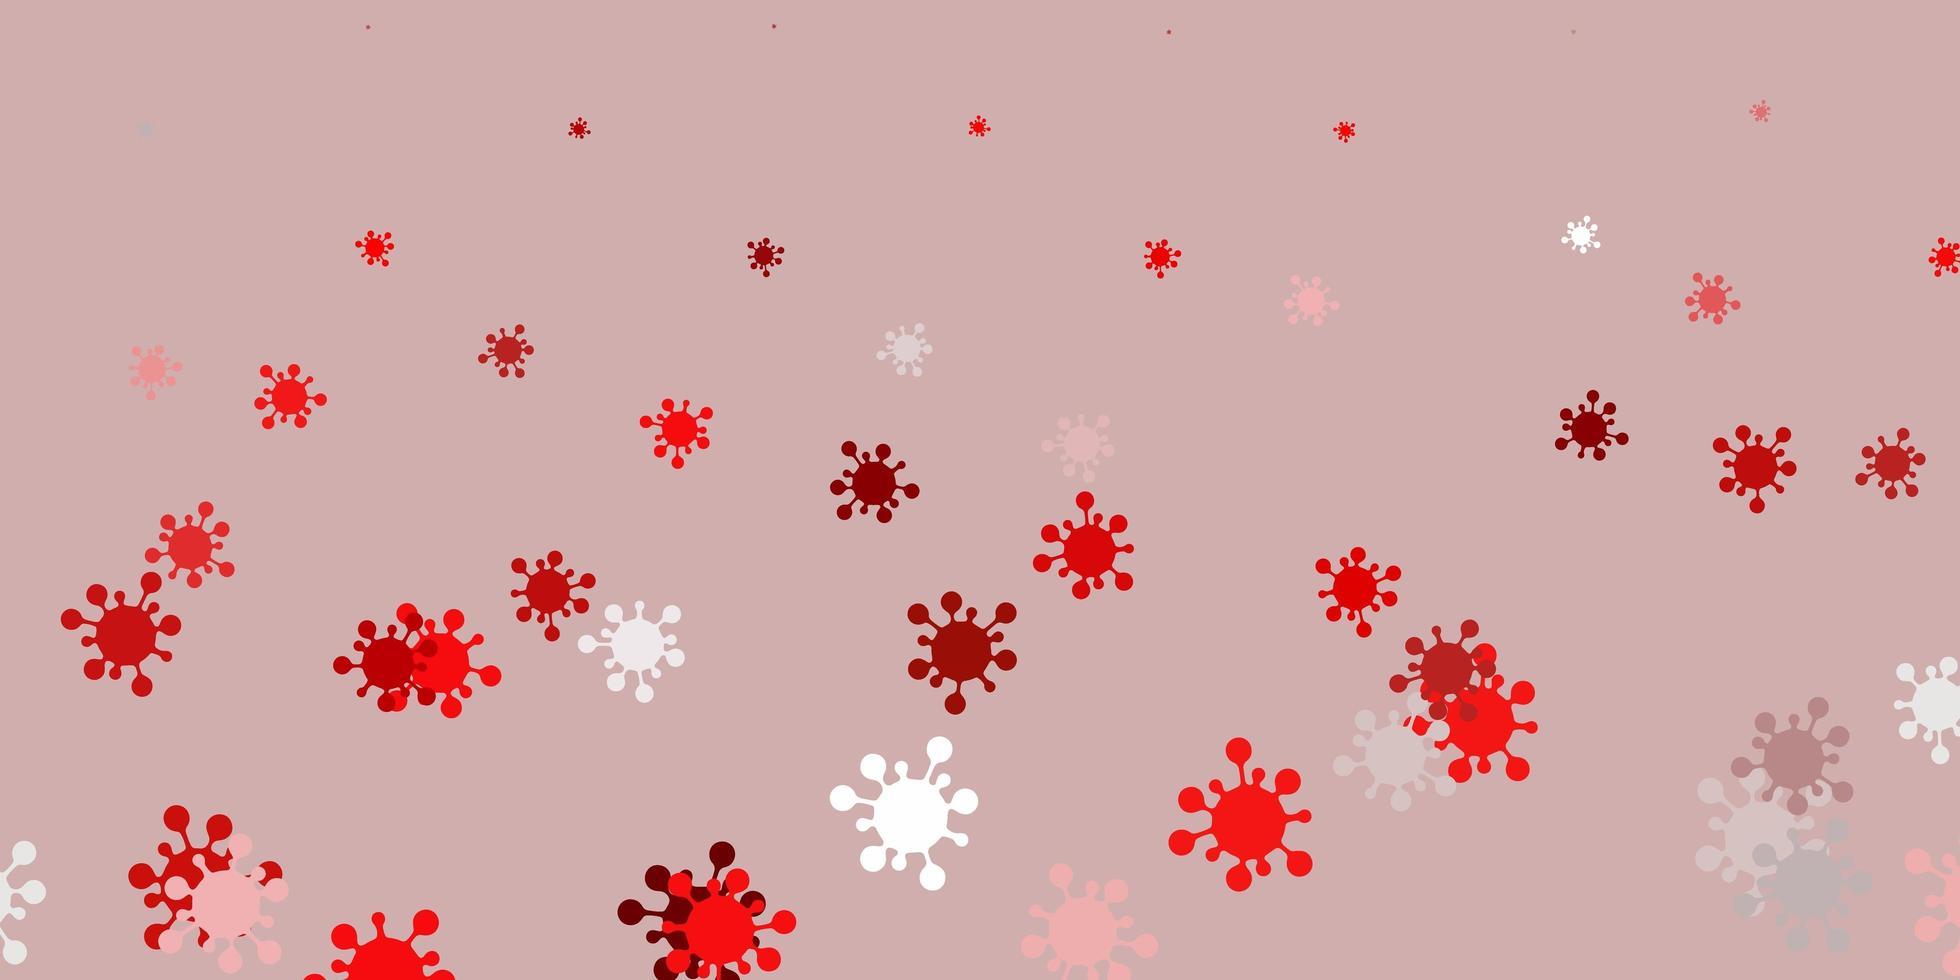 lichtrode achtergrond met virussymbolen. vector